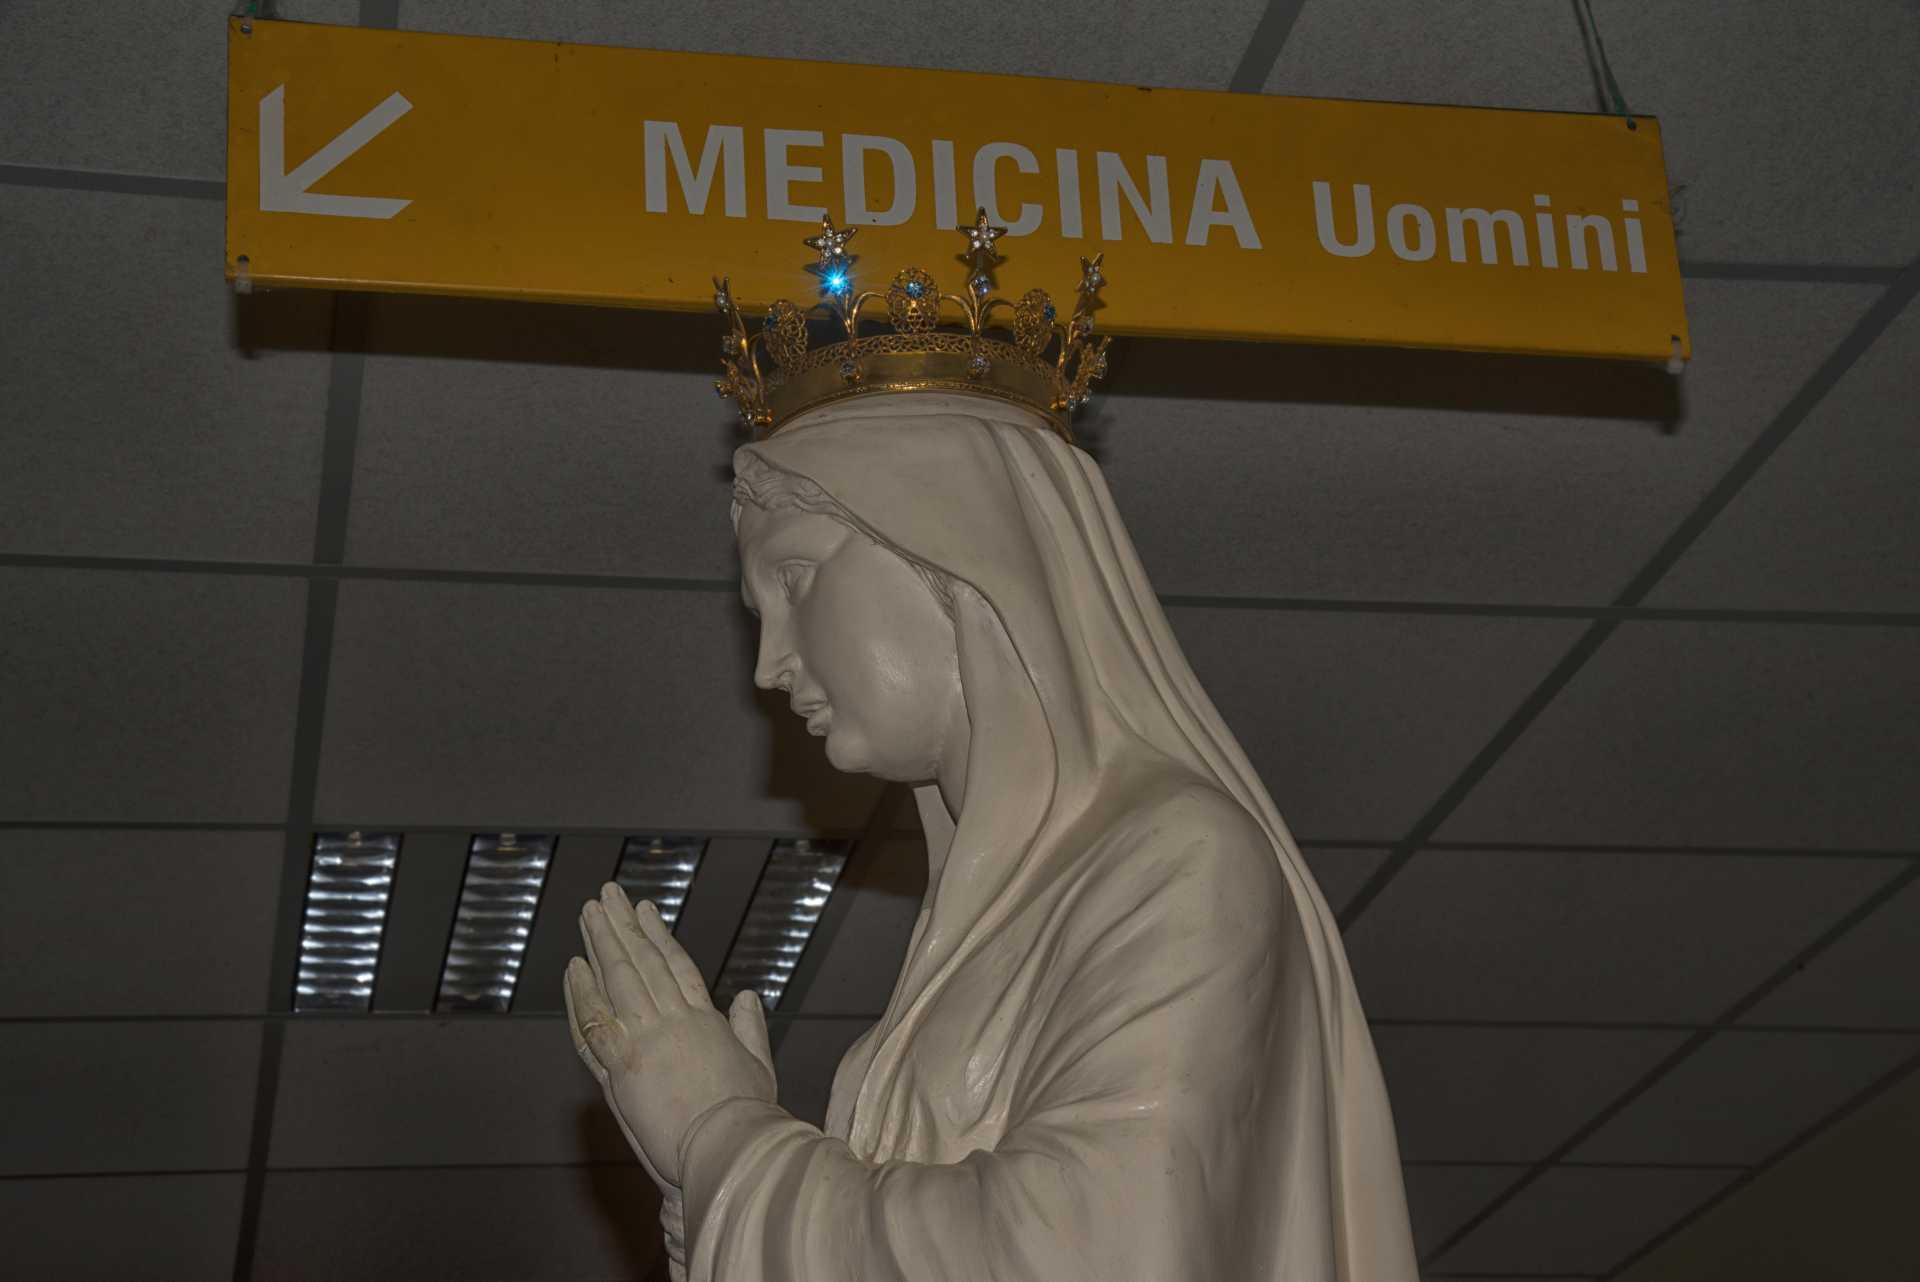 Processione della Madonna pellegrina di Lourdes nell'ospedale G.B. Grassi